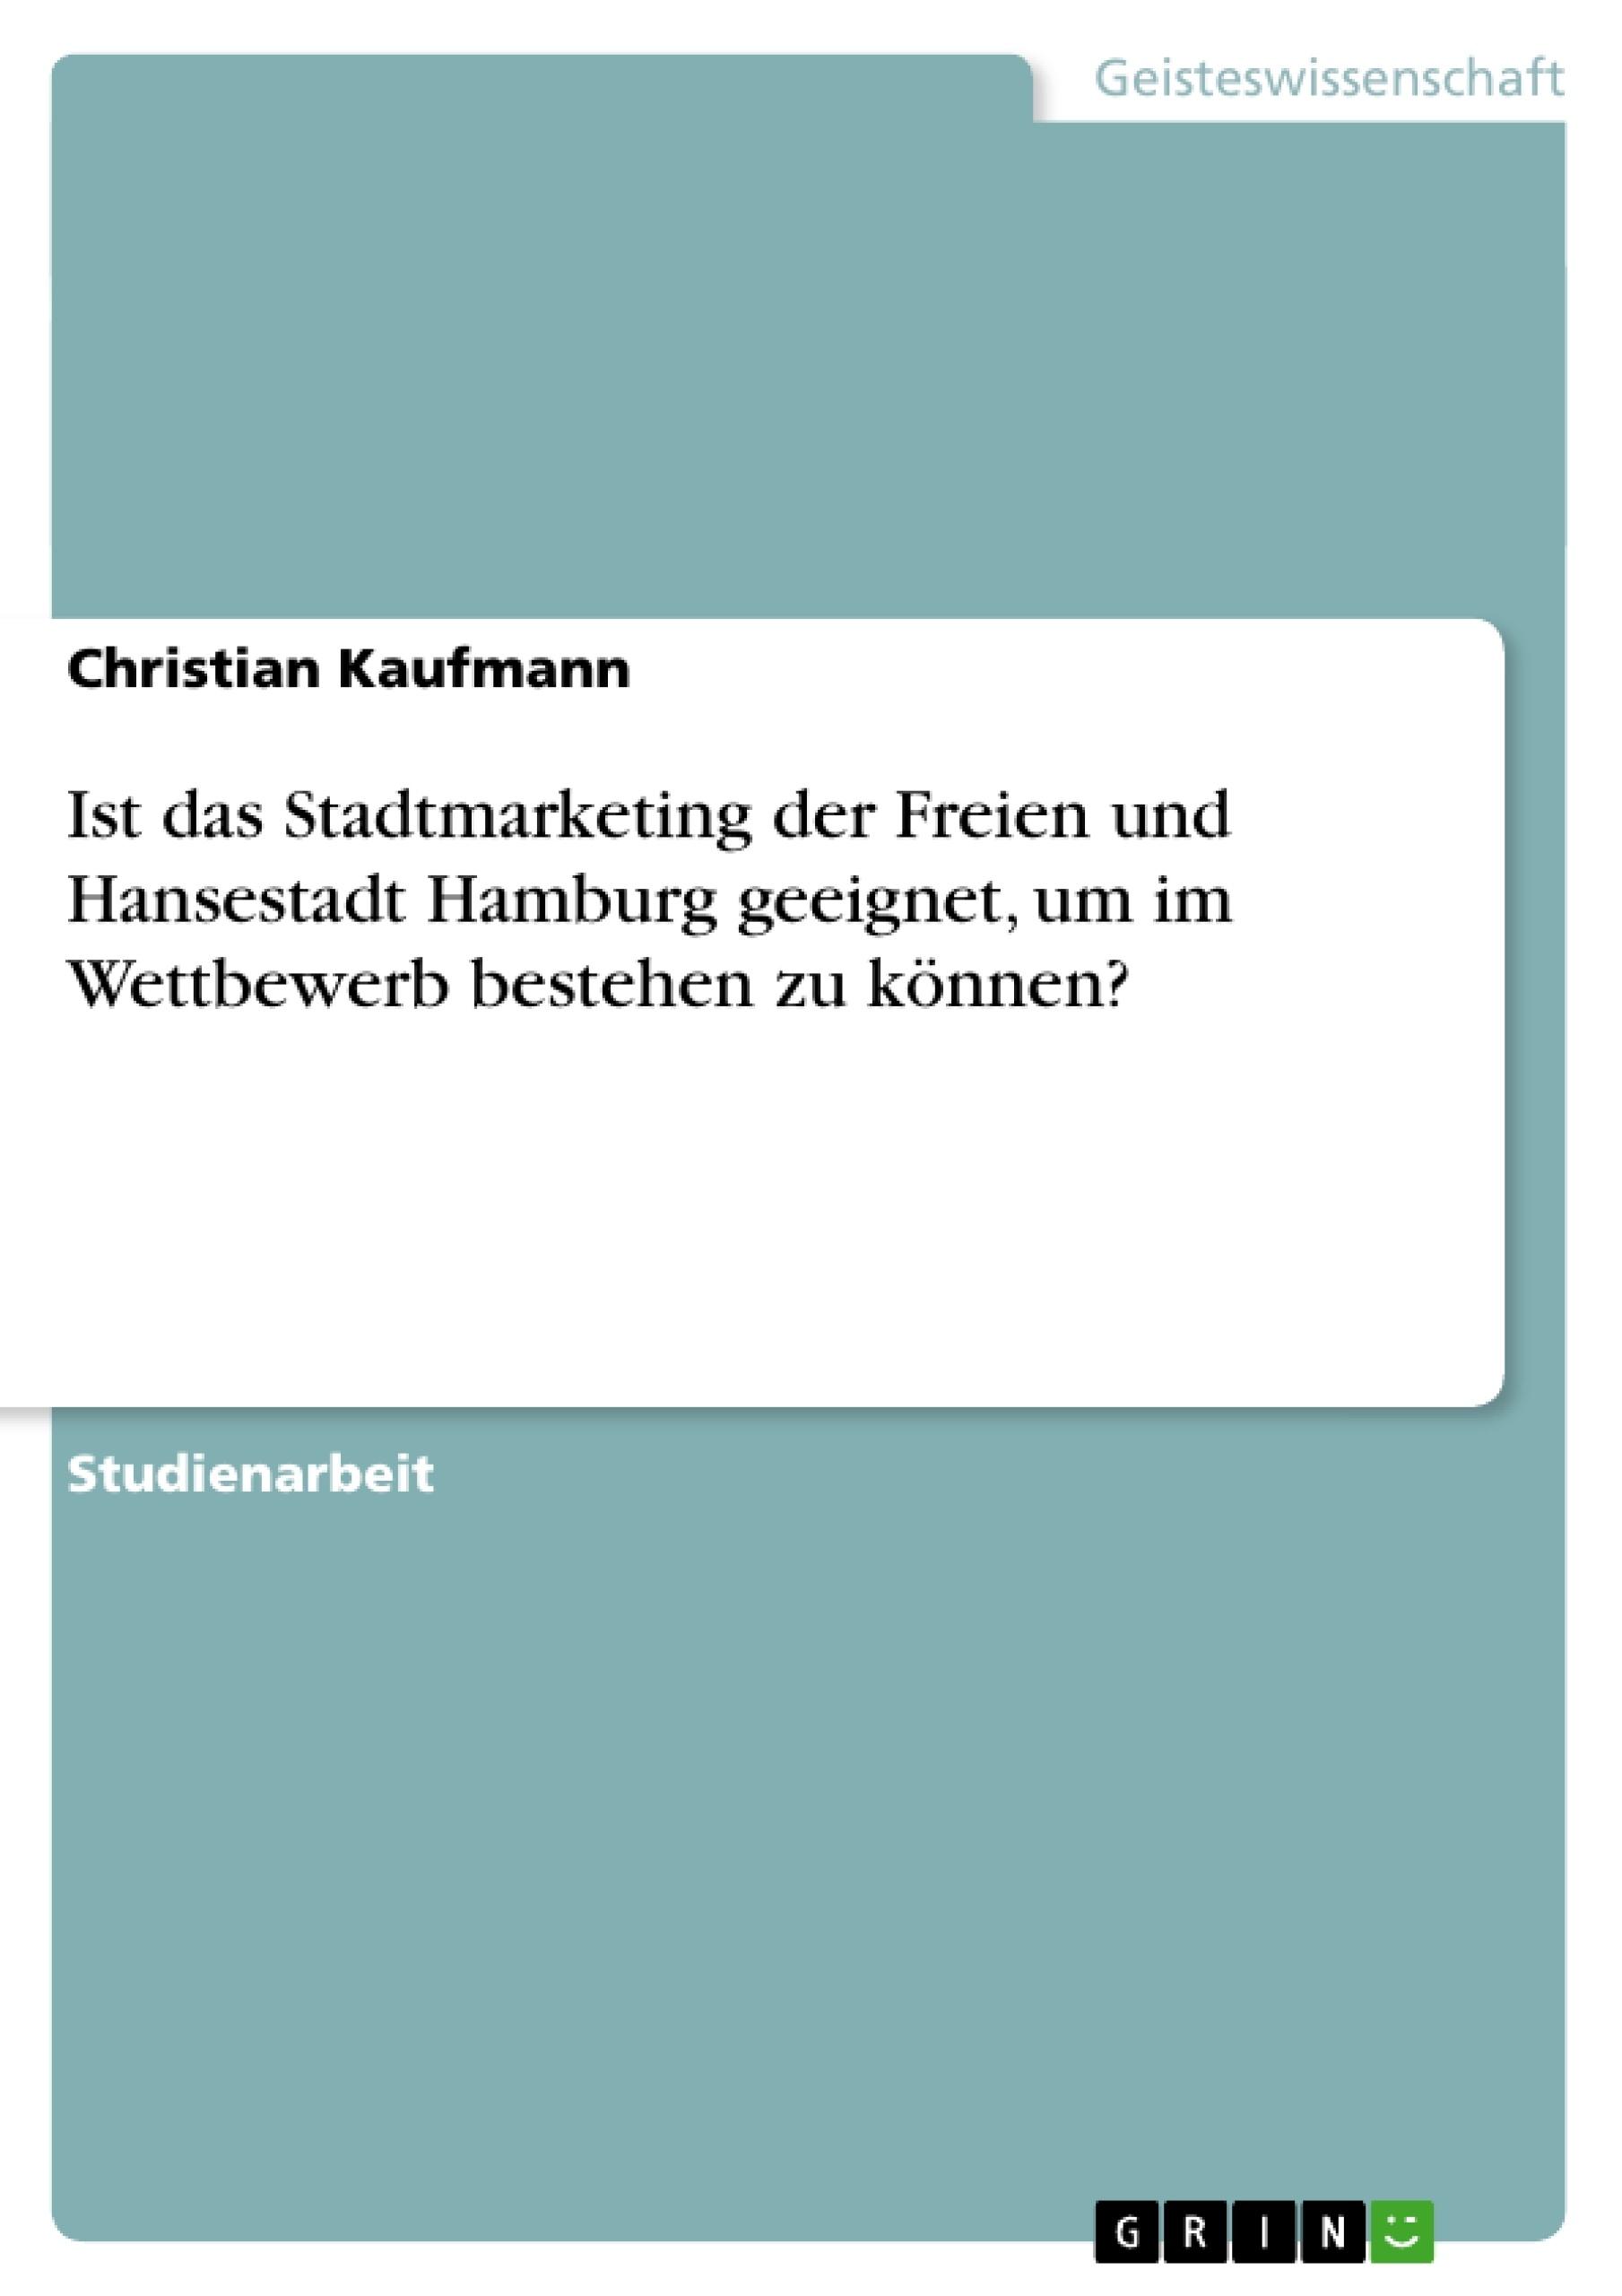 Titel: Ist das Stadtmarketing der Freien und Hansestadt Hamburg geeignet, um im Wettbewerb bestehen zu können?